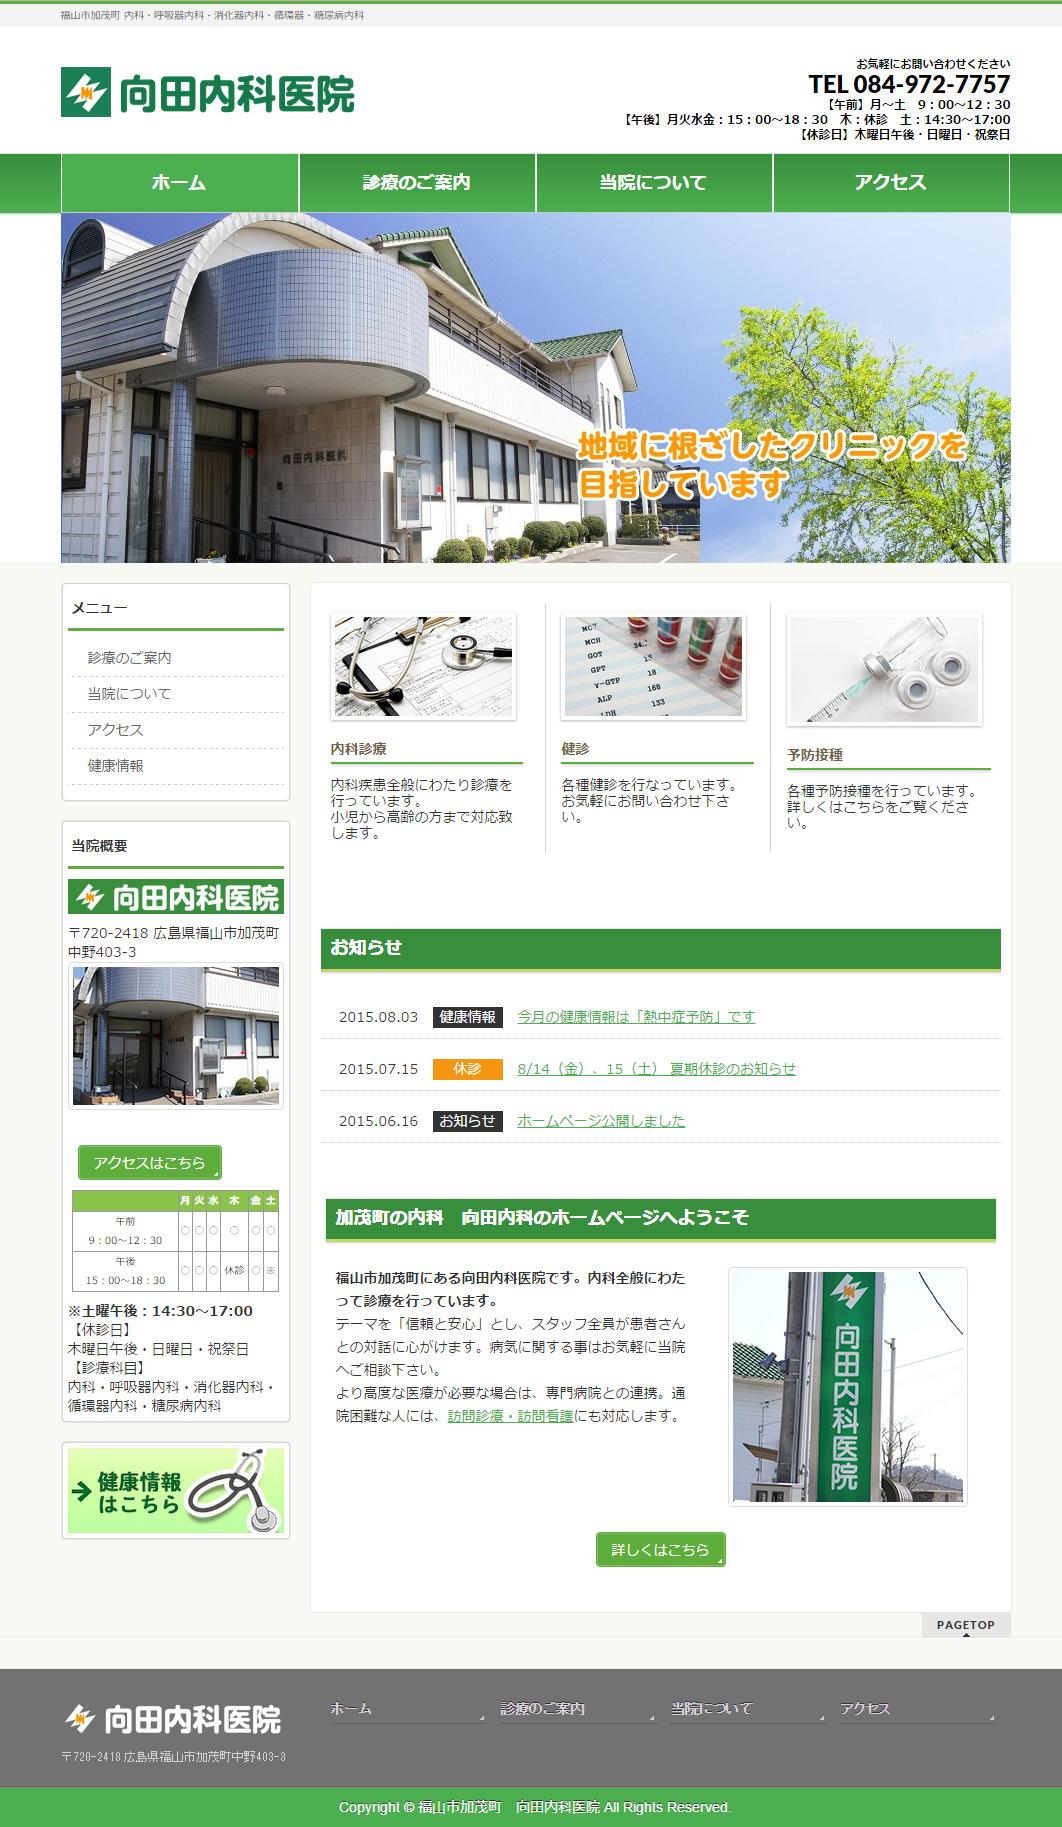 向田内科医院